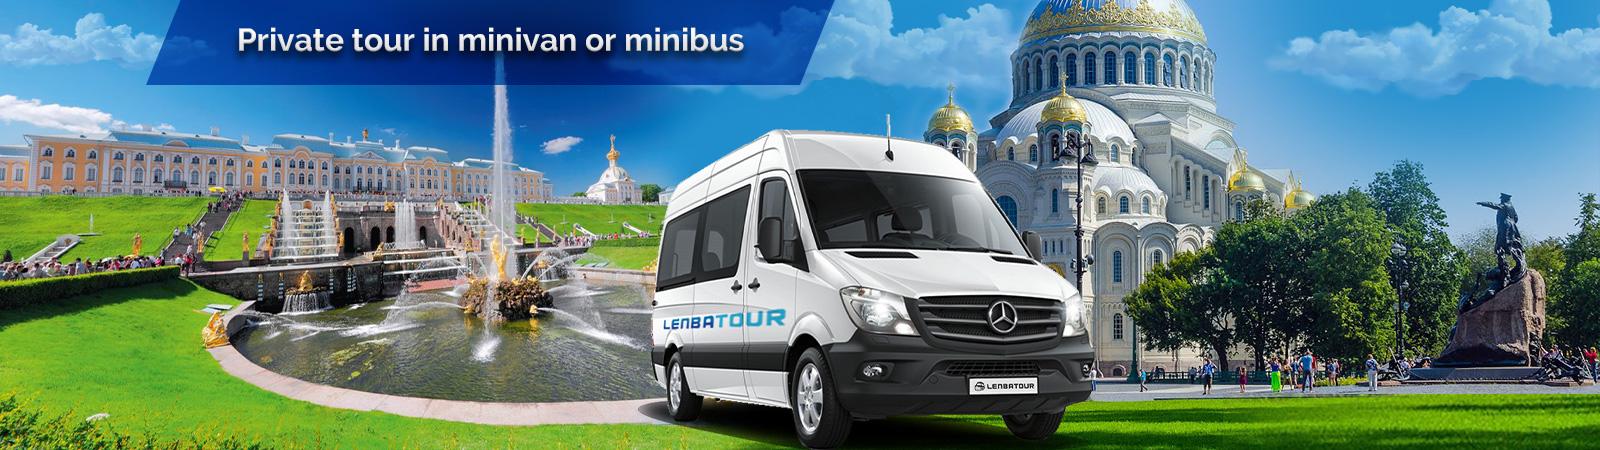 Tour price ru behanse market price ru